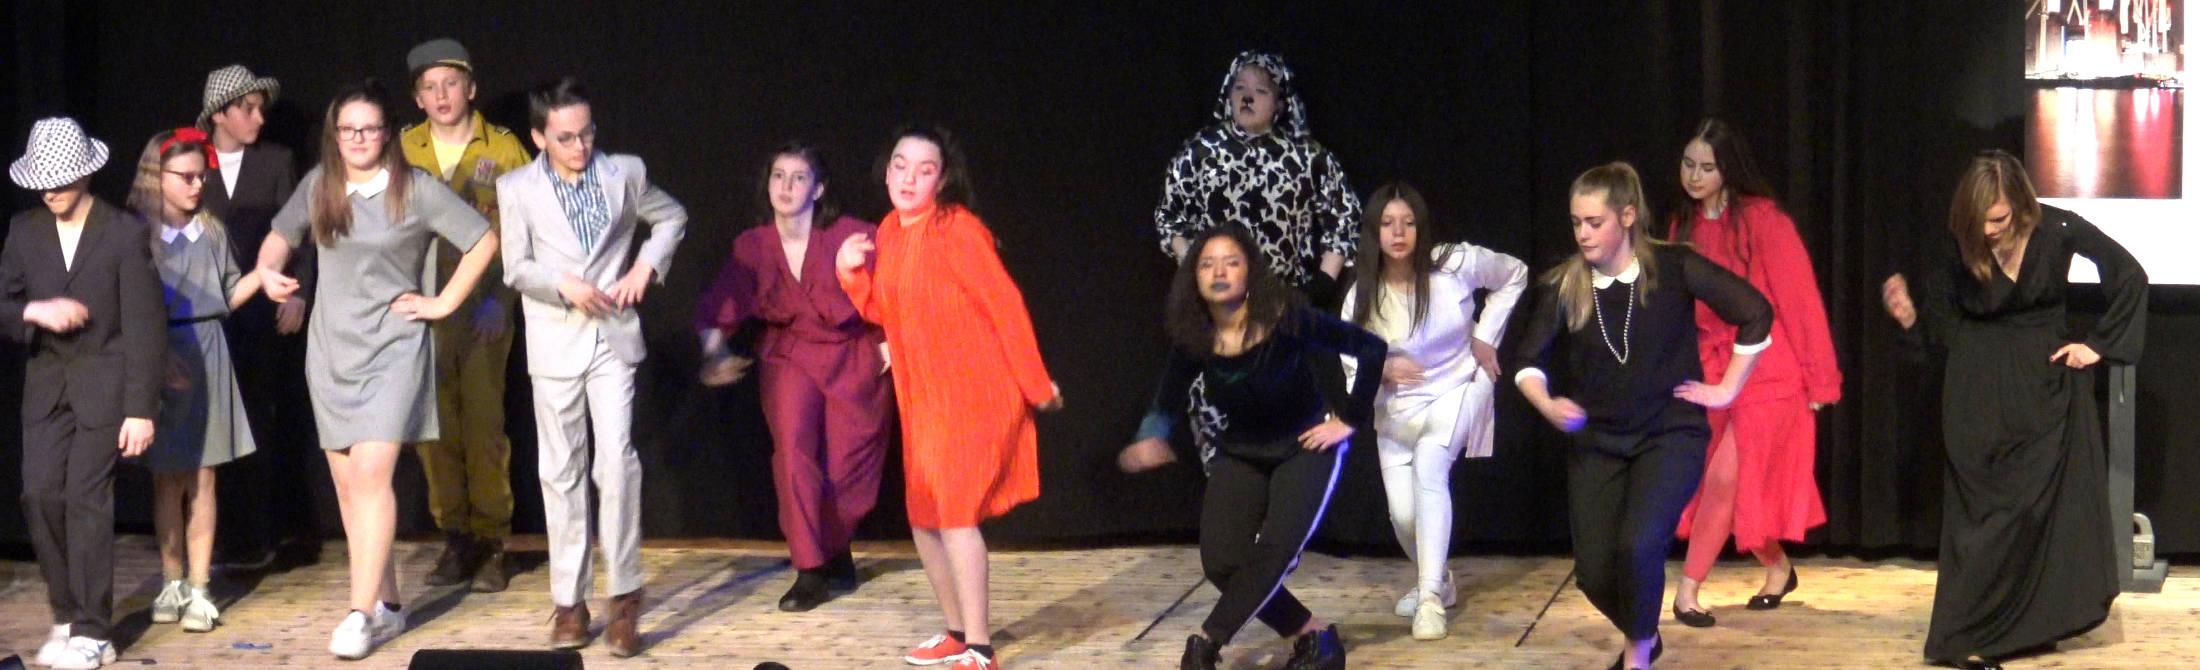 Atelier théâtre Binokyo - représentation cours ados 2018